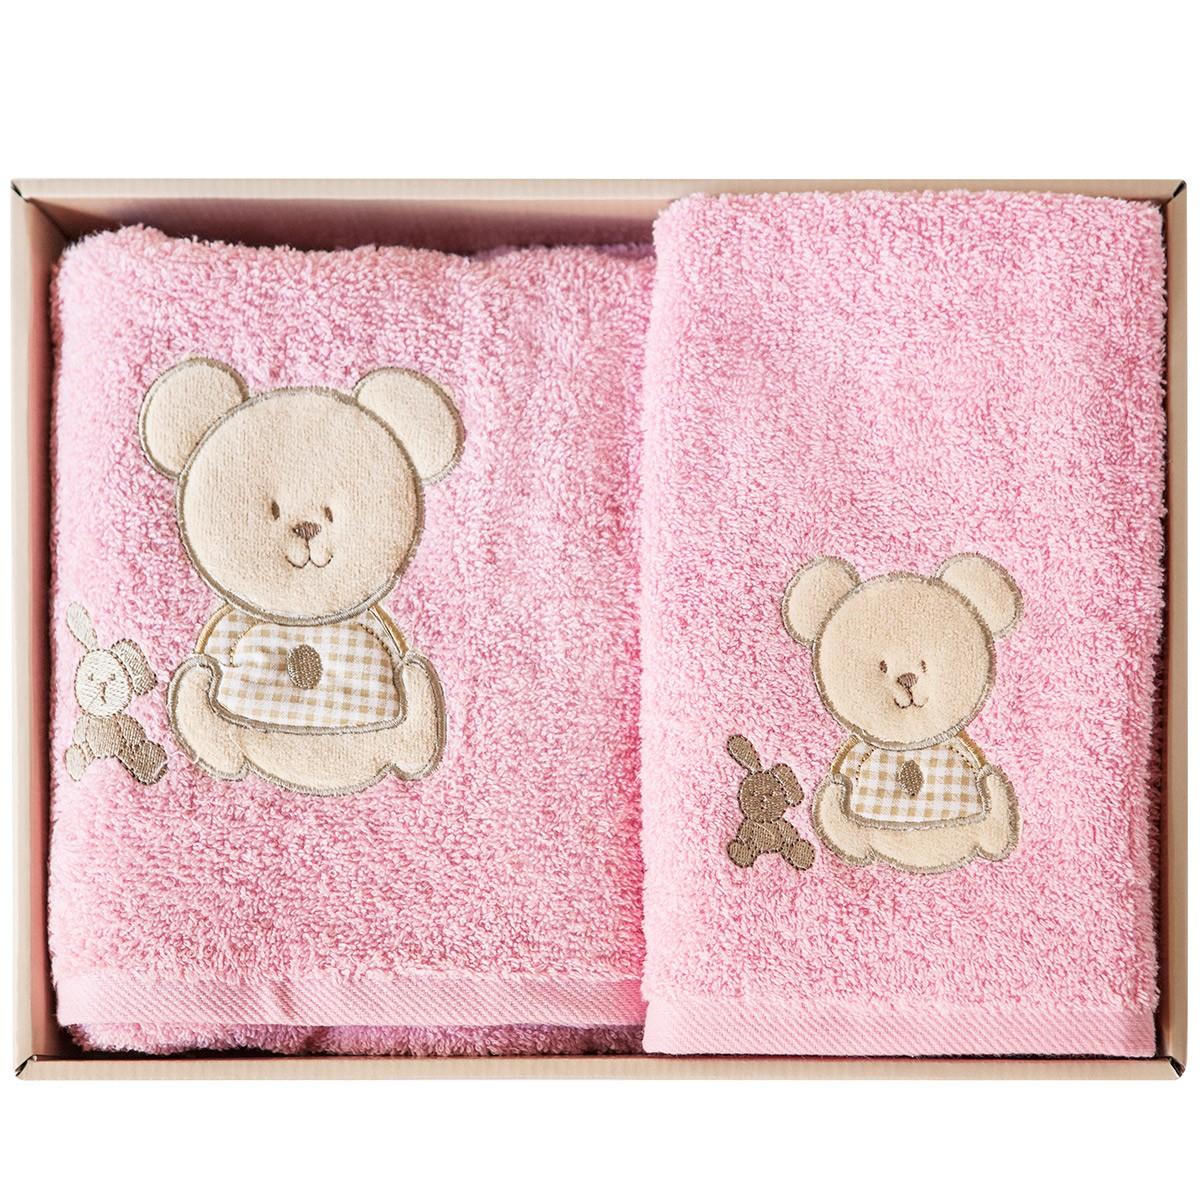 Βρεφικές Πετσέτες (Σετ 2τμχ) Melinen Bear Pink Χ Beige 74400